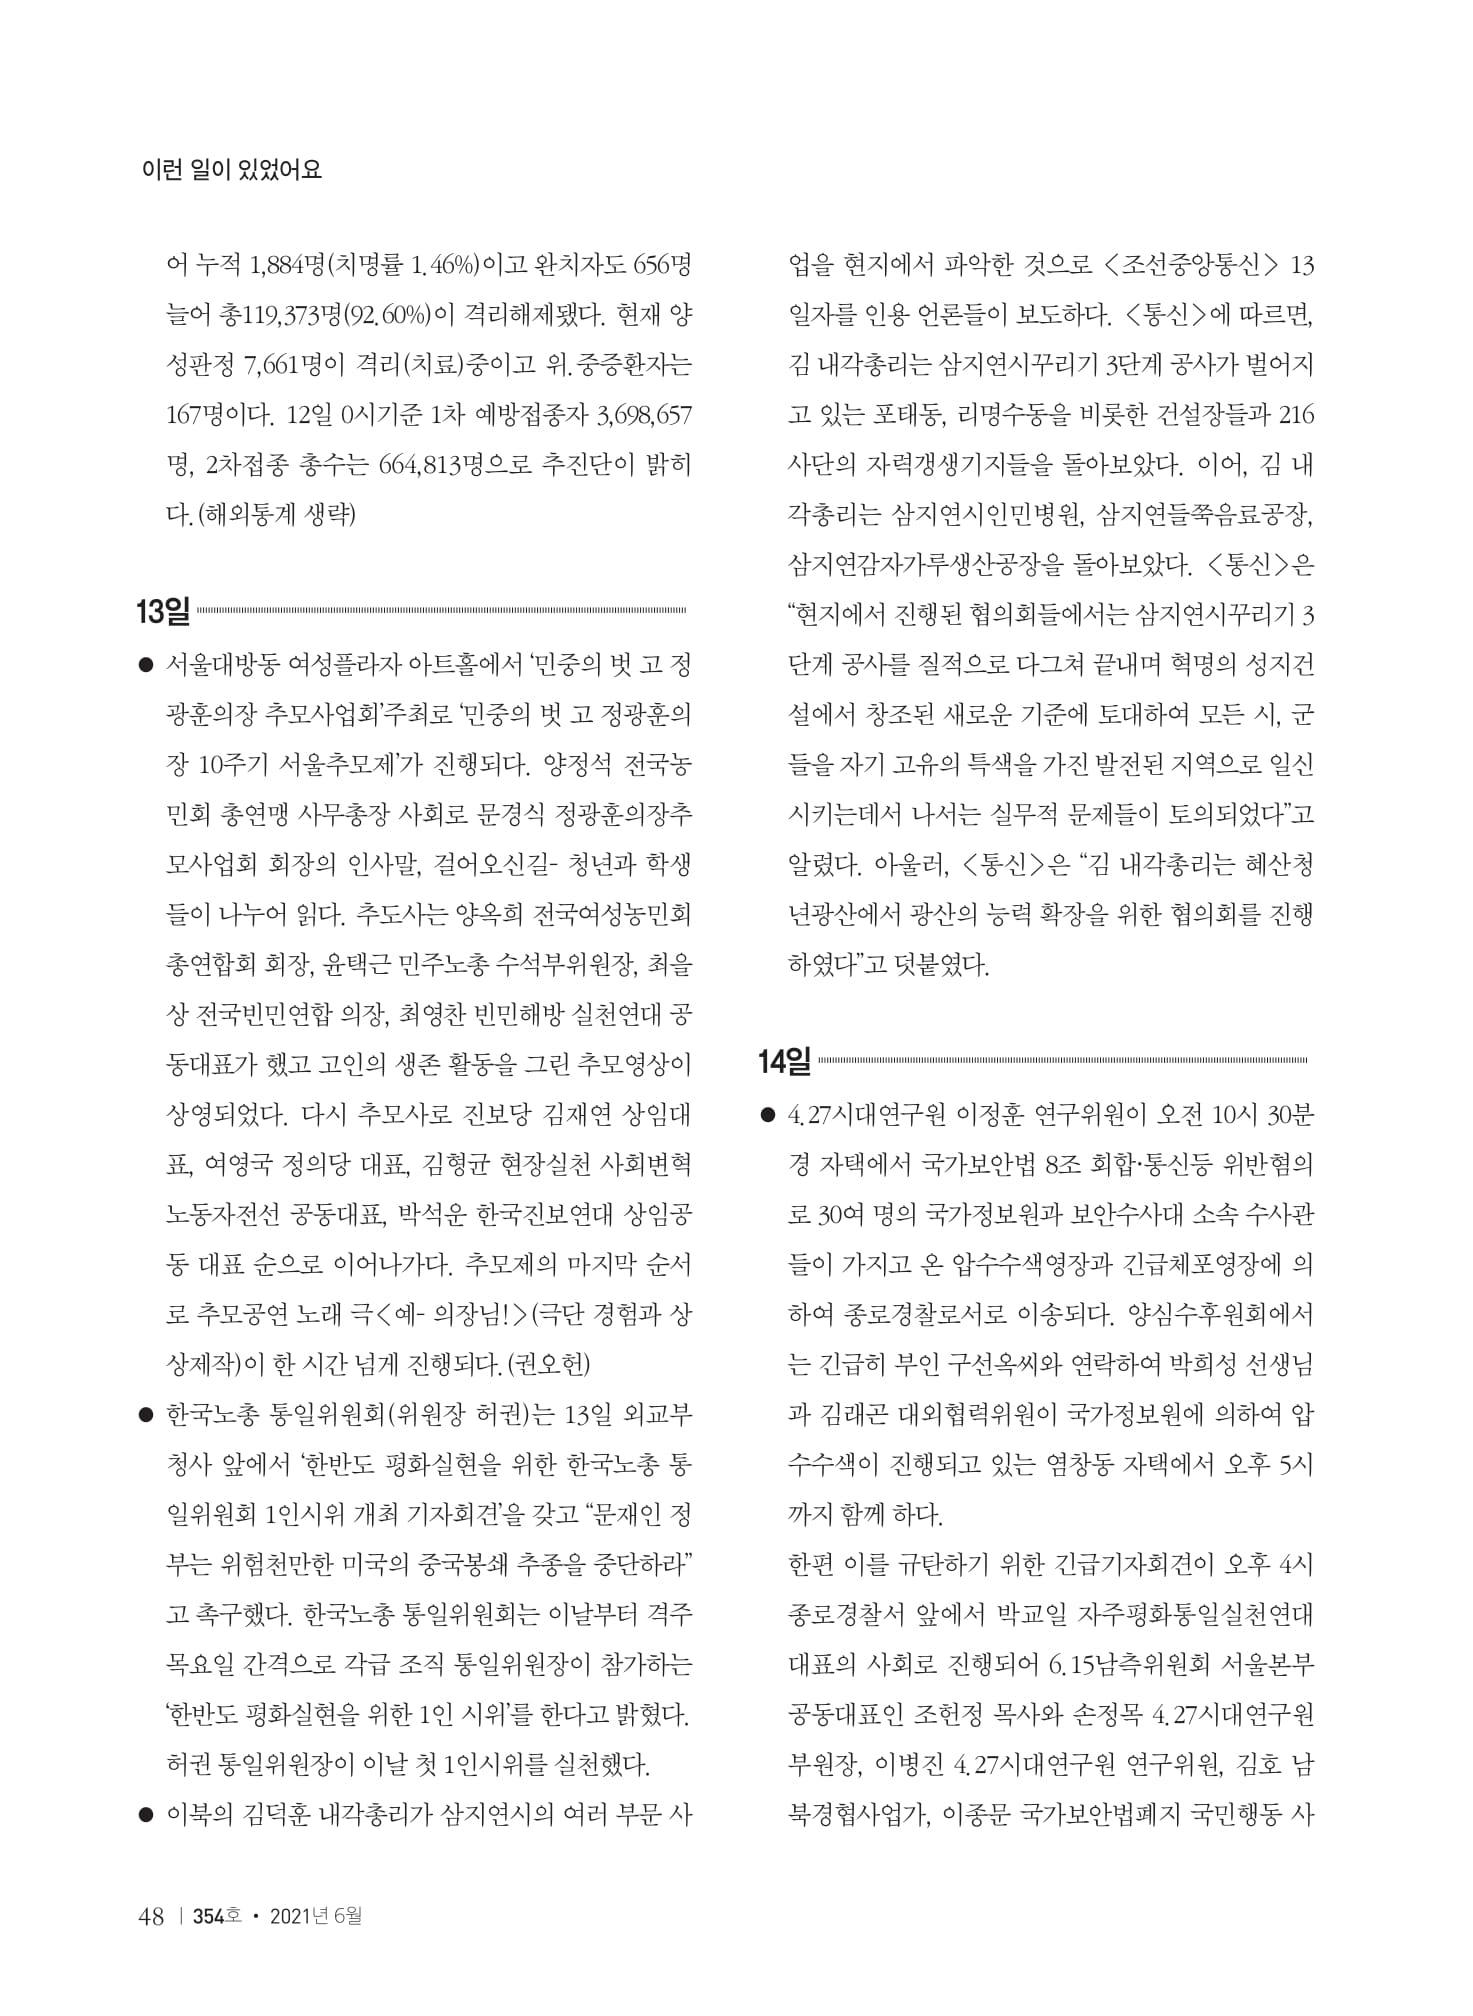 [양심수후원회] 소식지 354호 web 수정-50.jpg